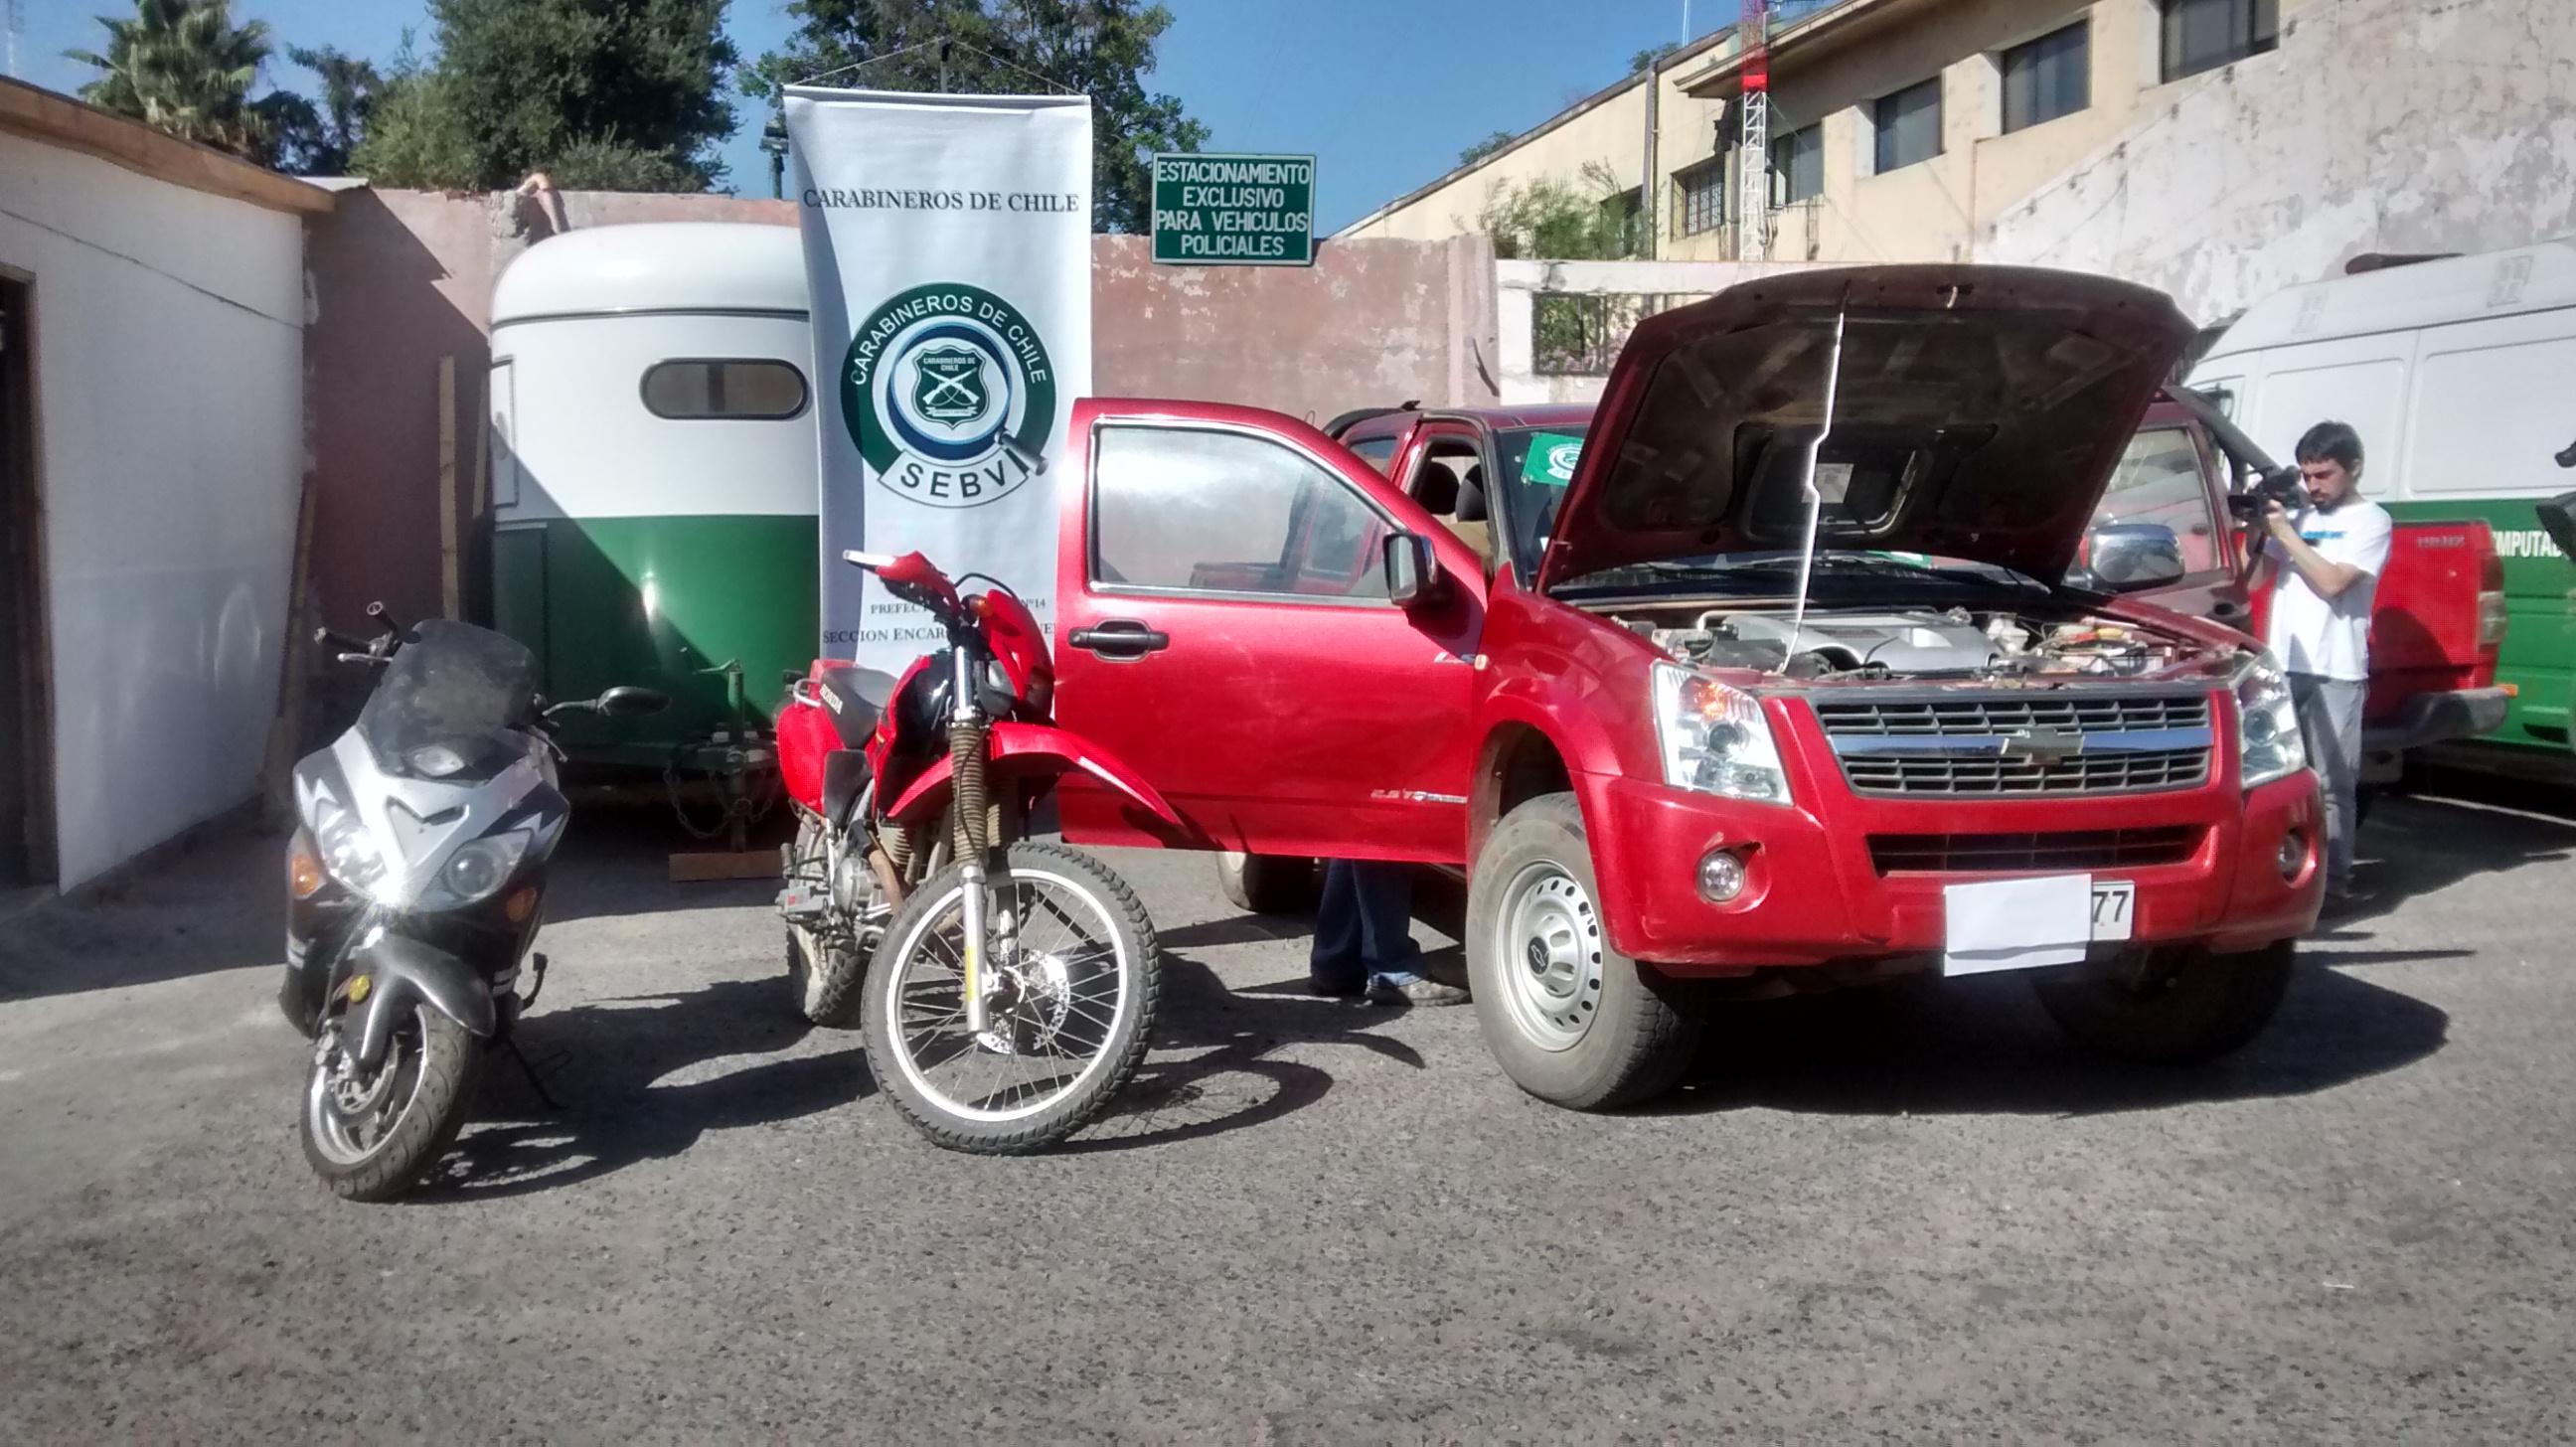 Carabineros incauta dos motocicletas y una camioneta encargadas por robo en Talca